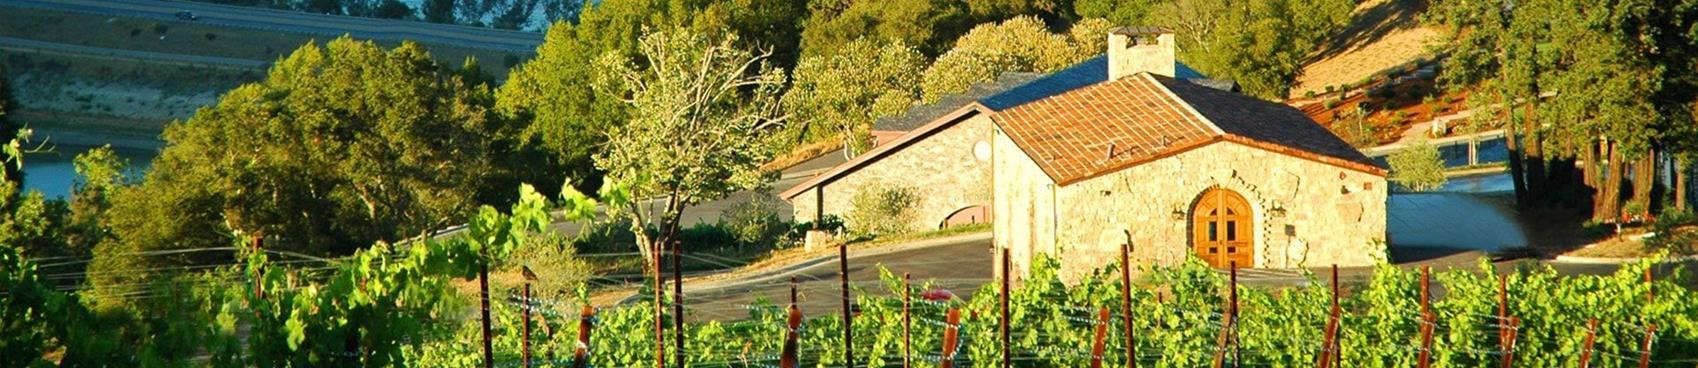 Black Ridge Vineyards